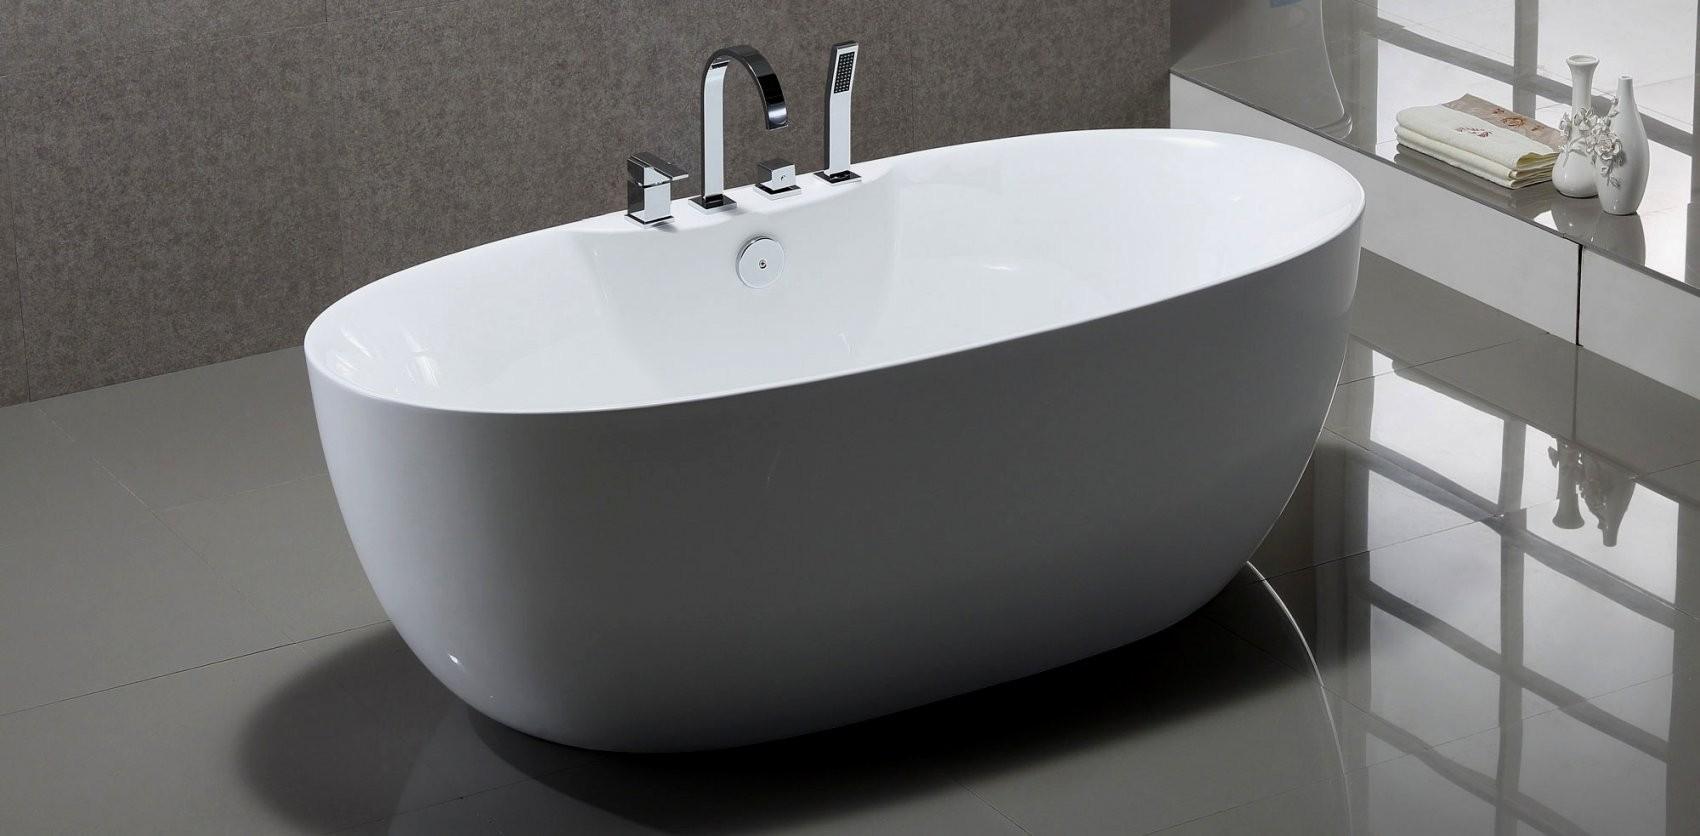 Groß Freistehende Badewanne Mit Armatur Gro C3 9F Waschbecken 88882 von Armatur Für Freistehende Badewanne Photo